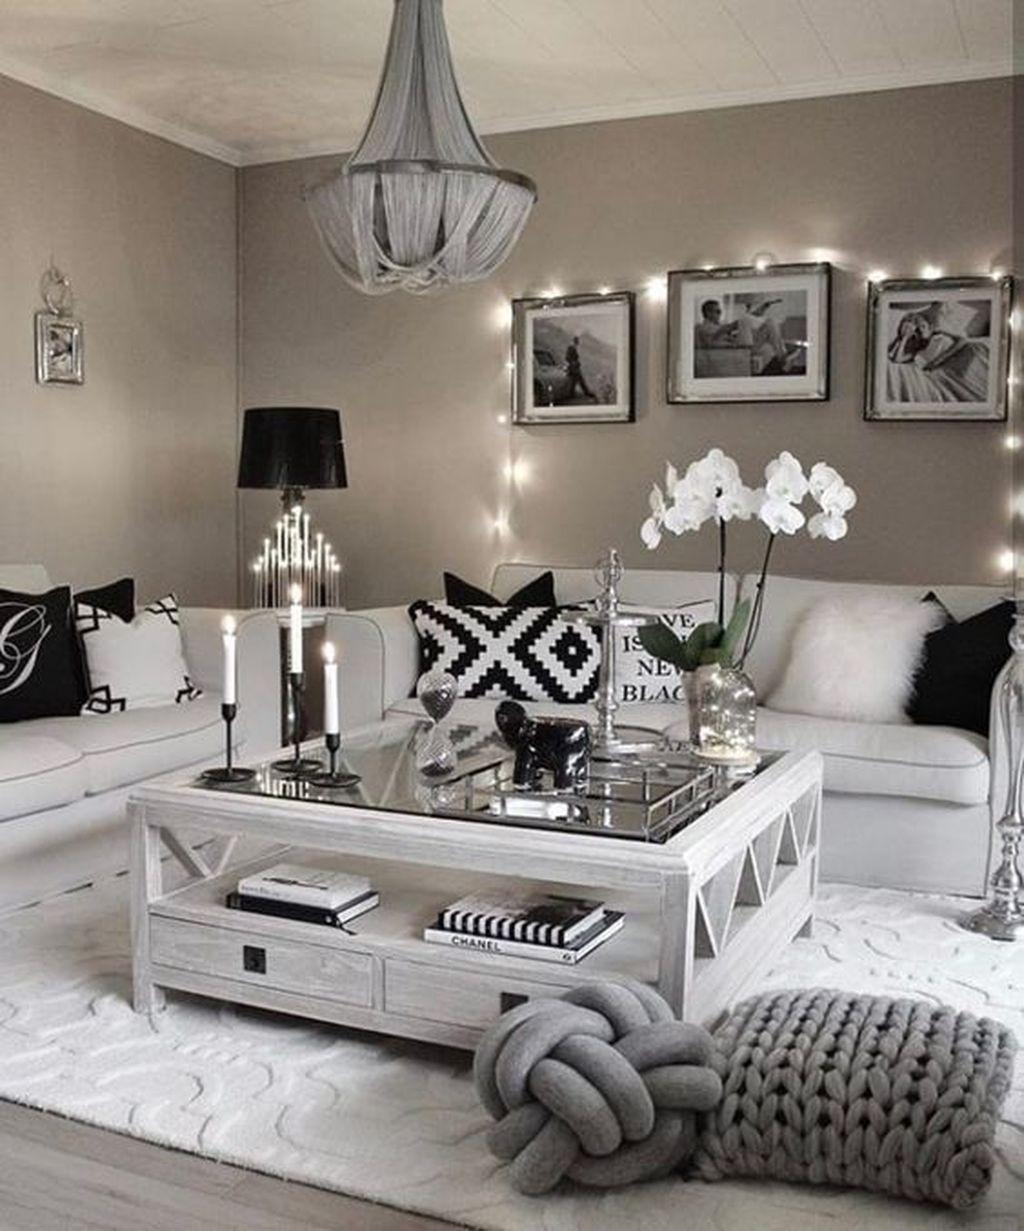 Inspiring Livingroom Decorations Home33